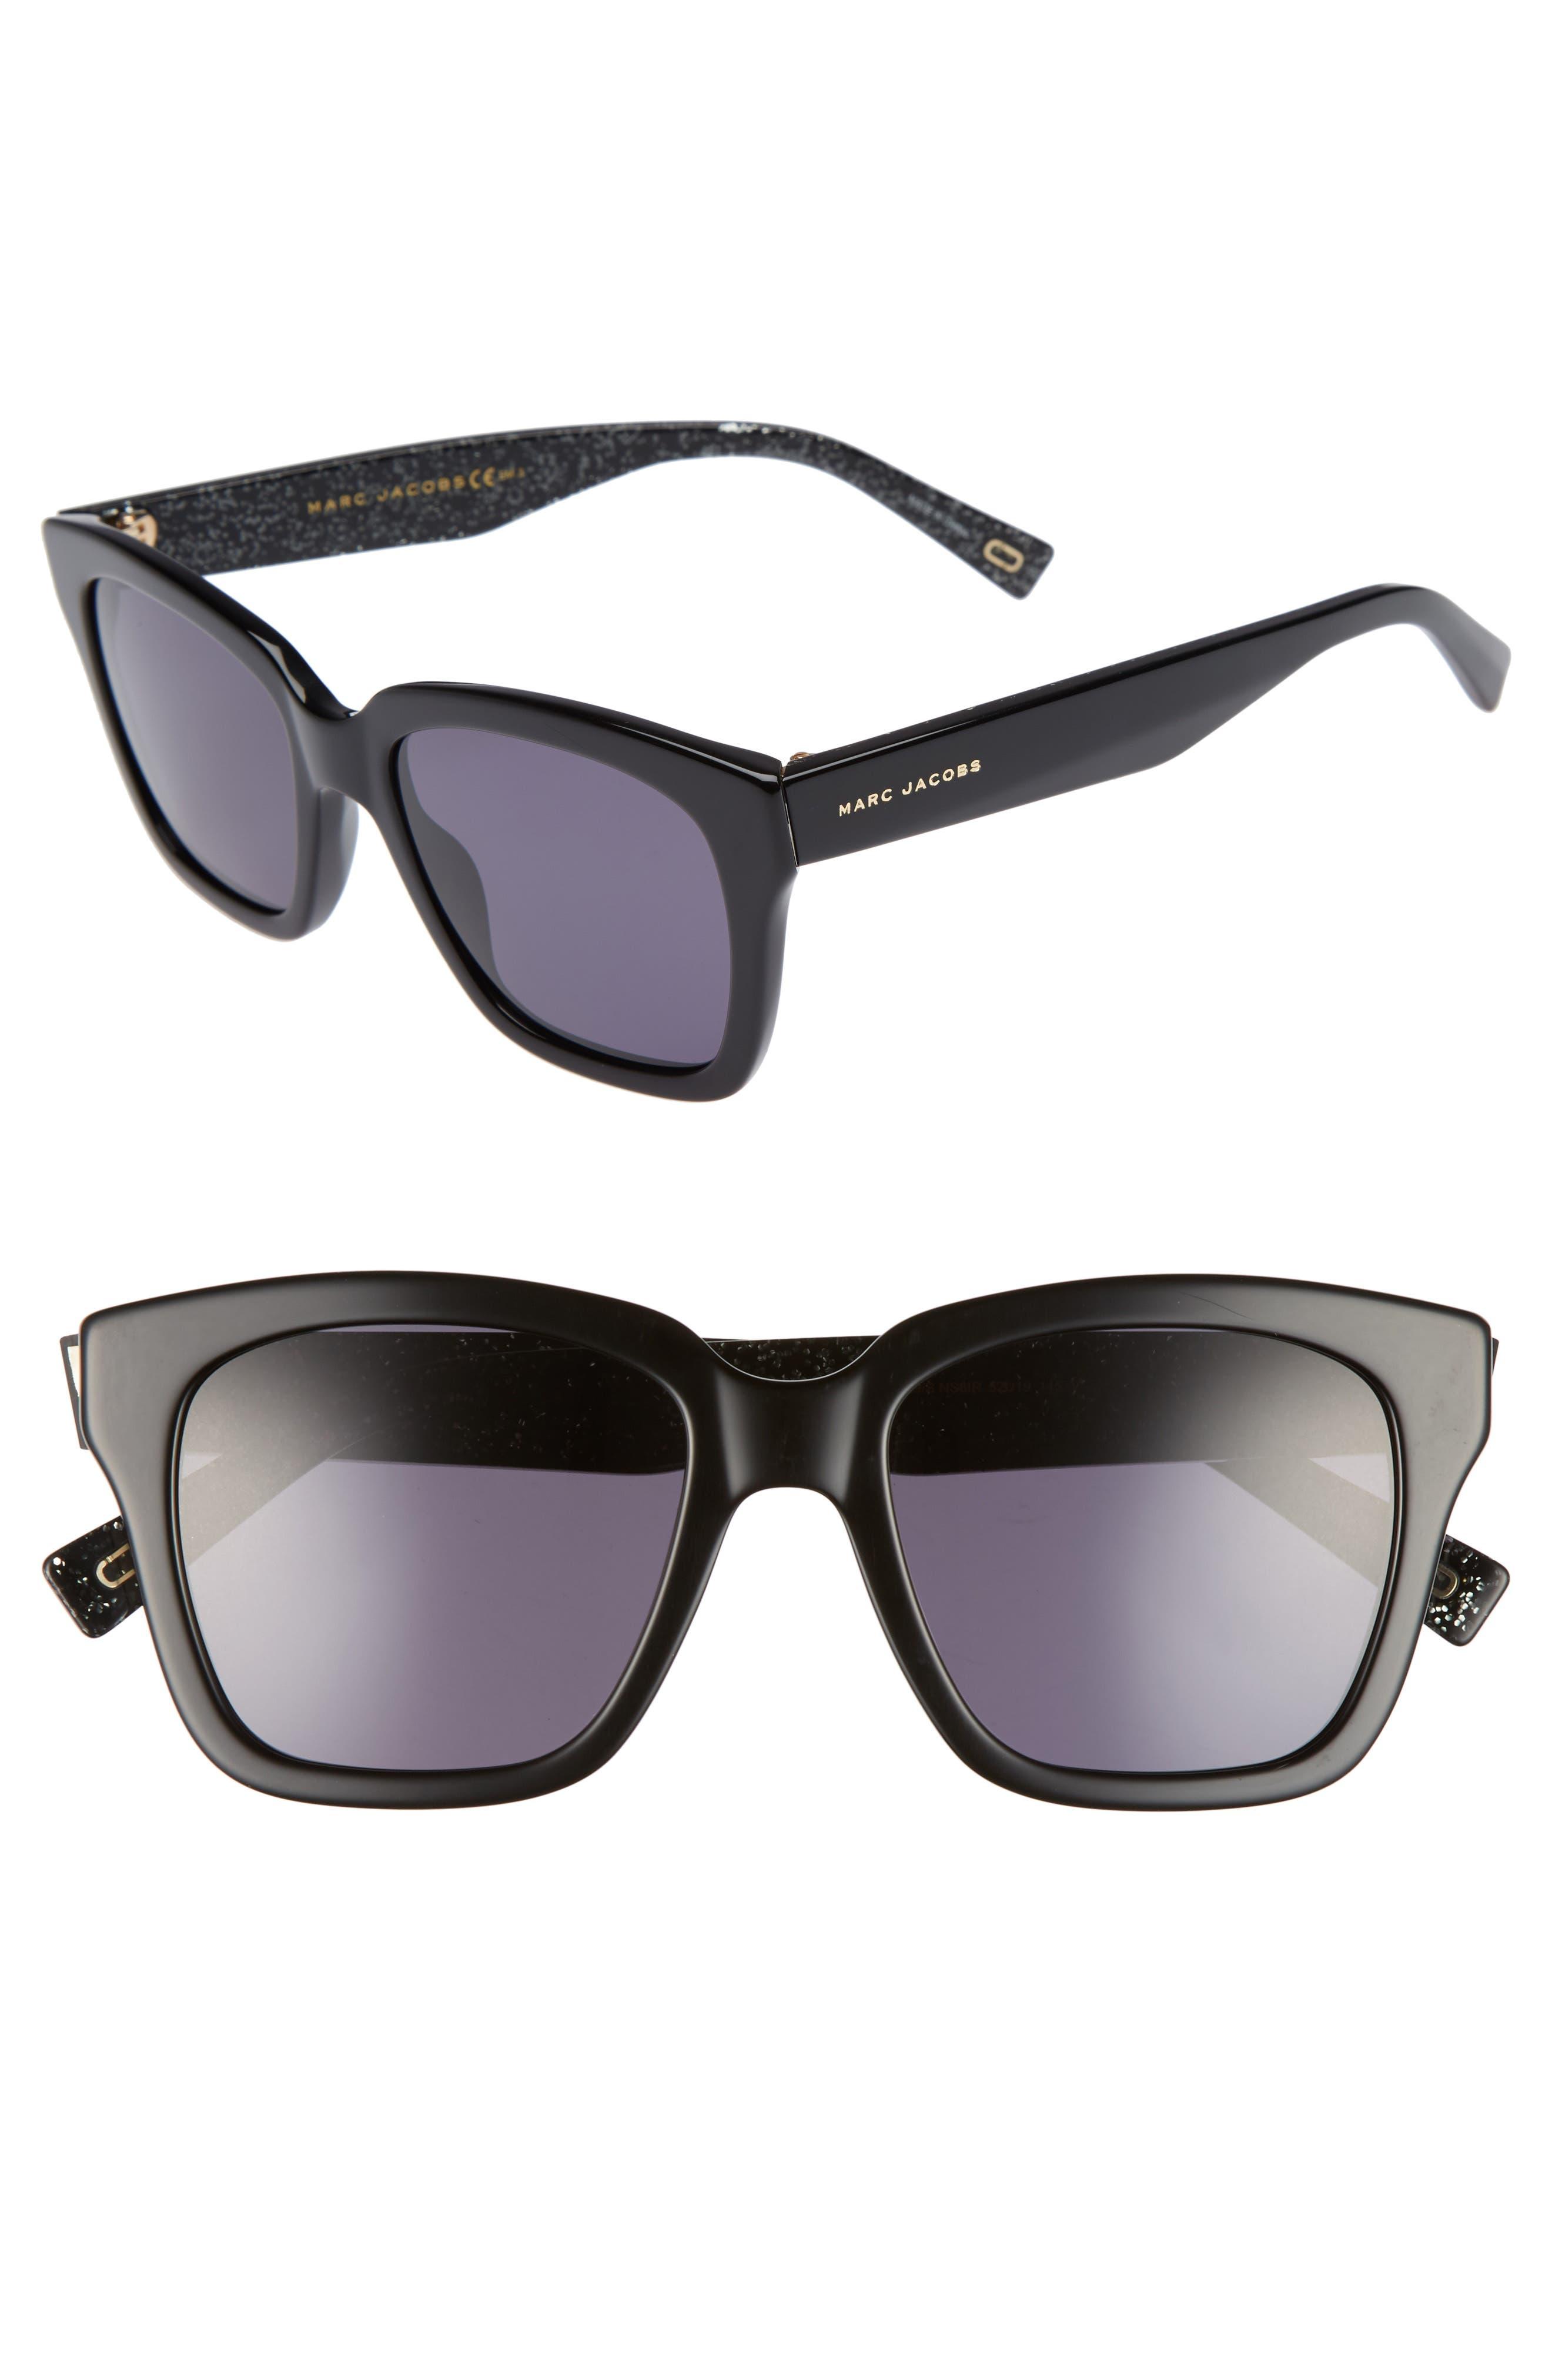 52mm Square Sunglasses,                             Main thumbnail 1, color,                             Black Glitter/ Gray Blue